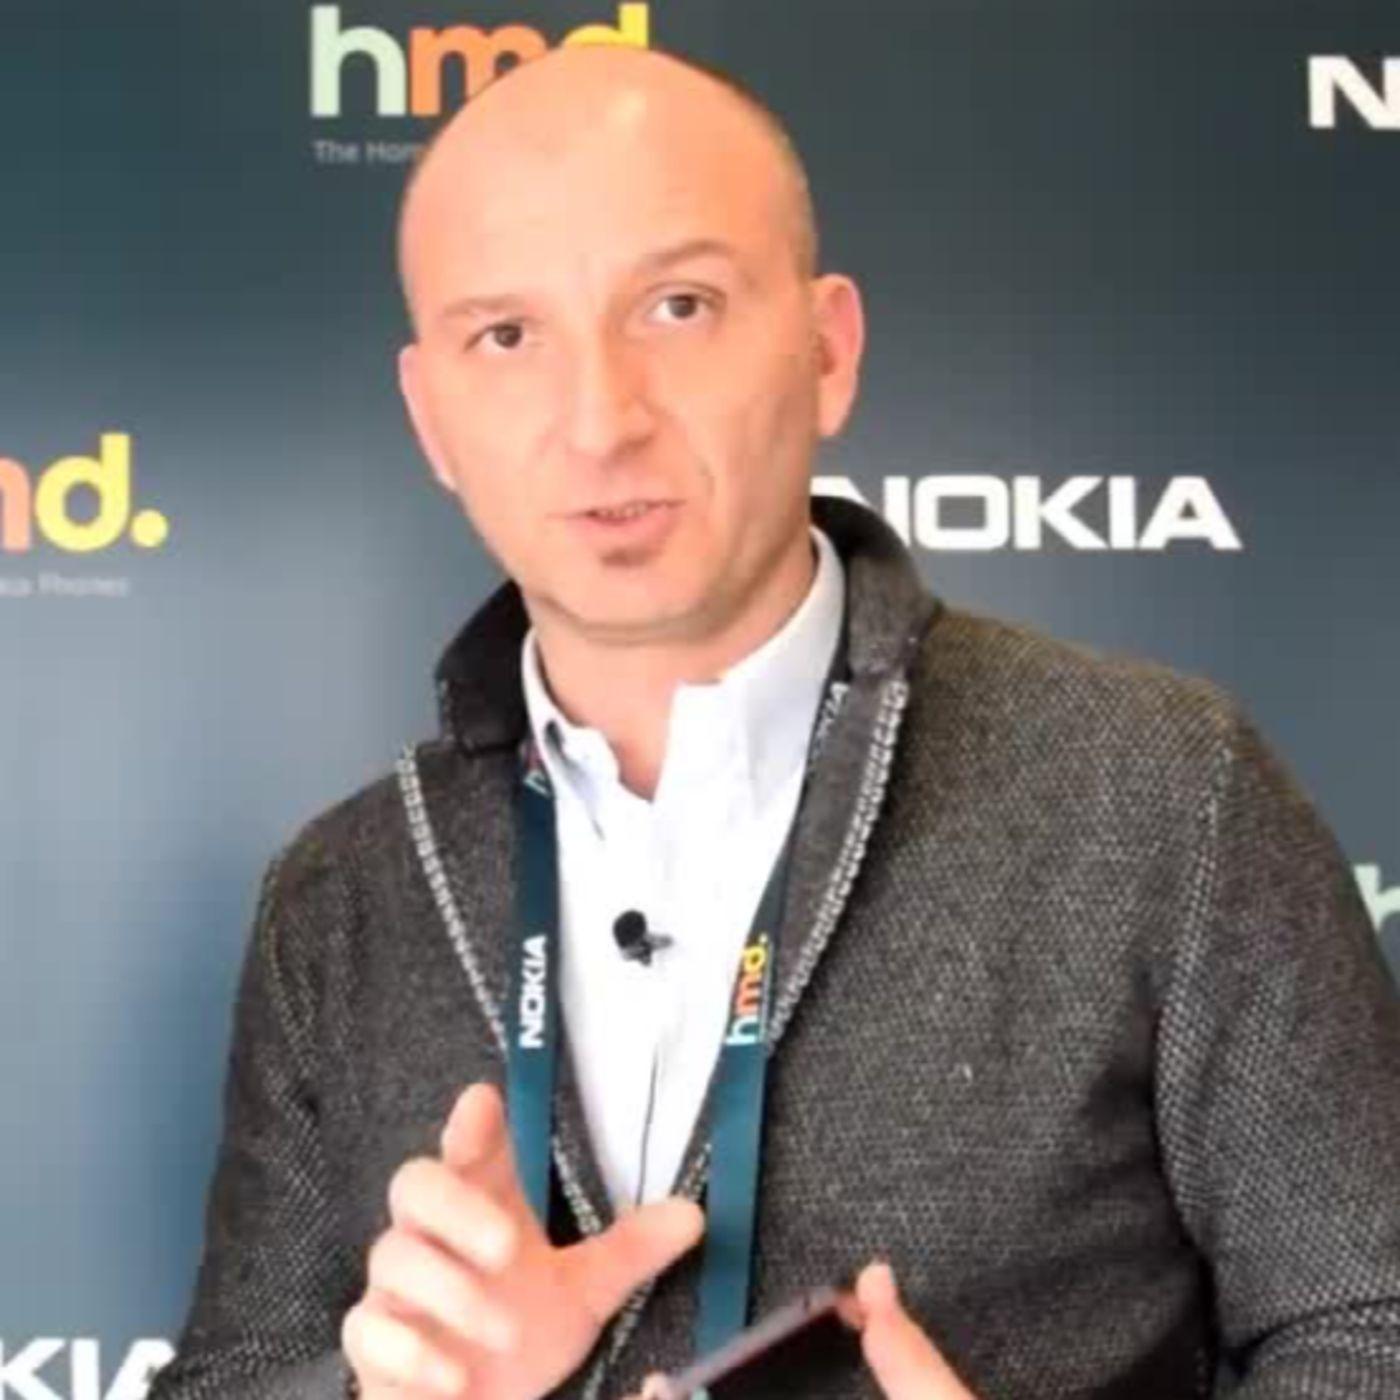 HMD Global e Nokia: come è andato il 2019, come sarà il 2020? Il commento di Alberto Colombo